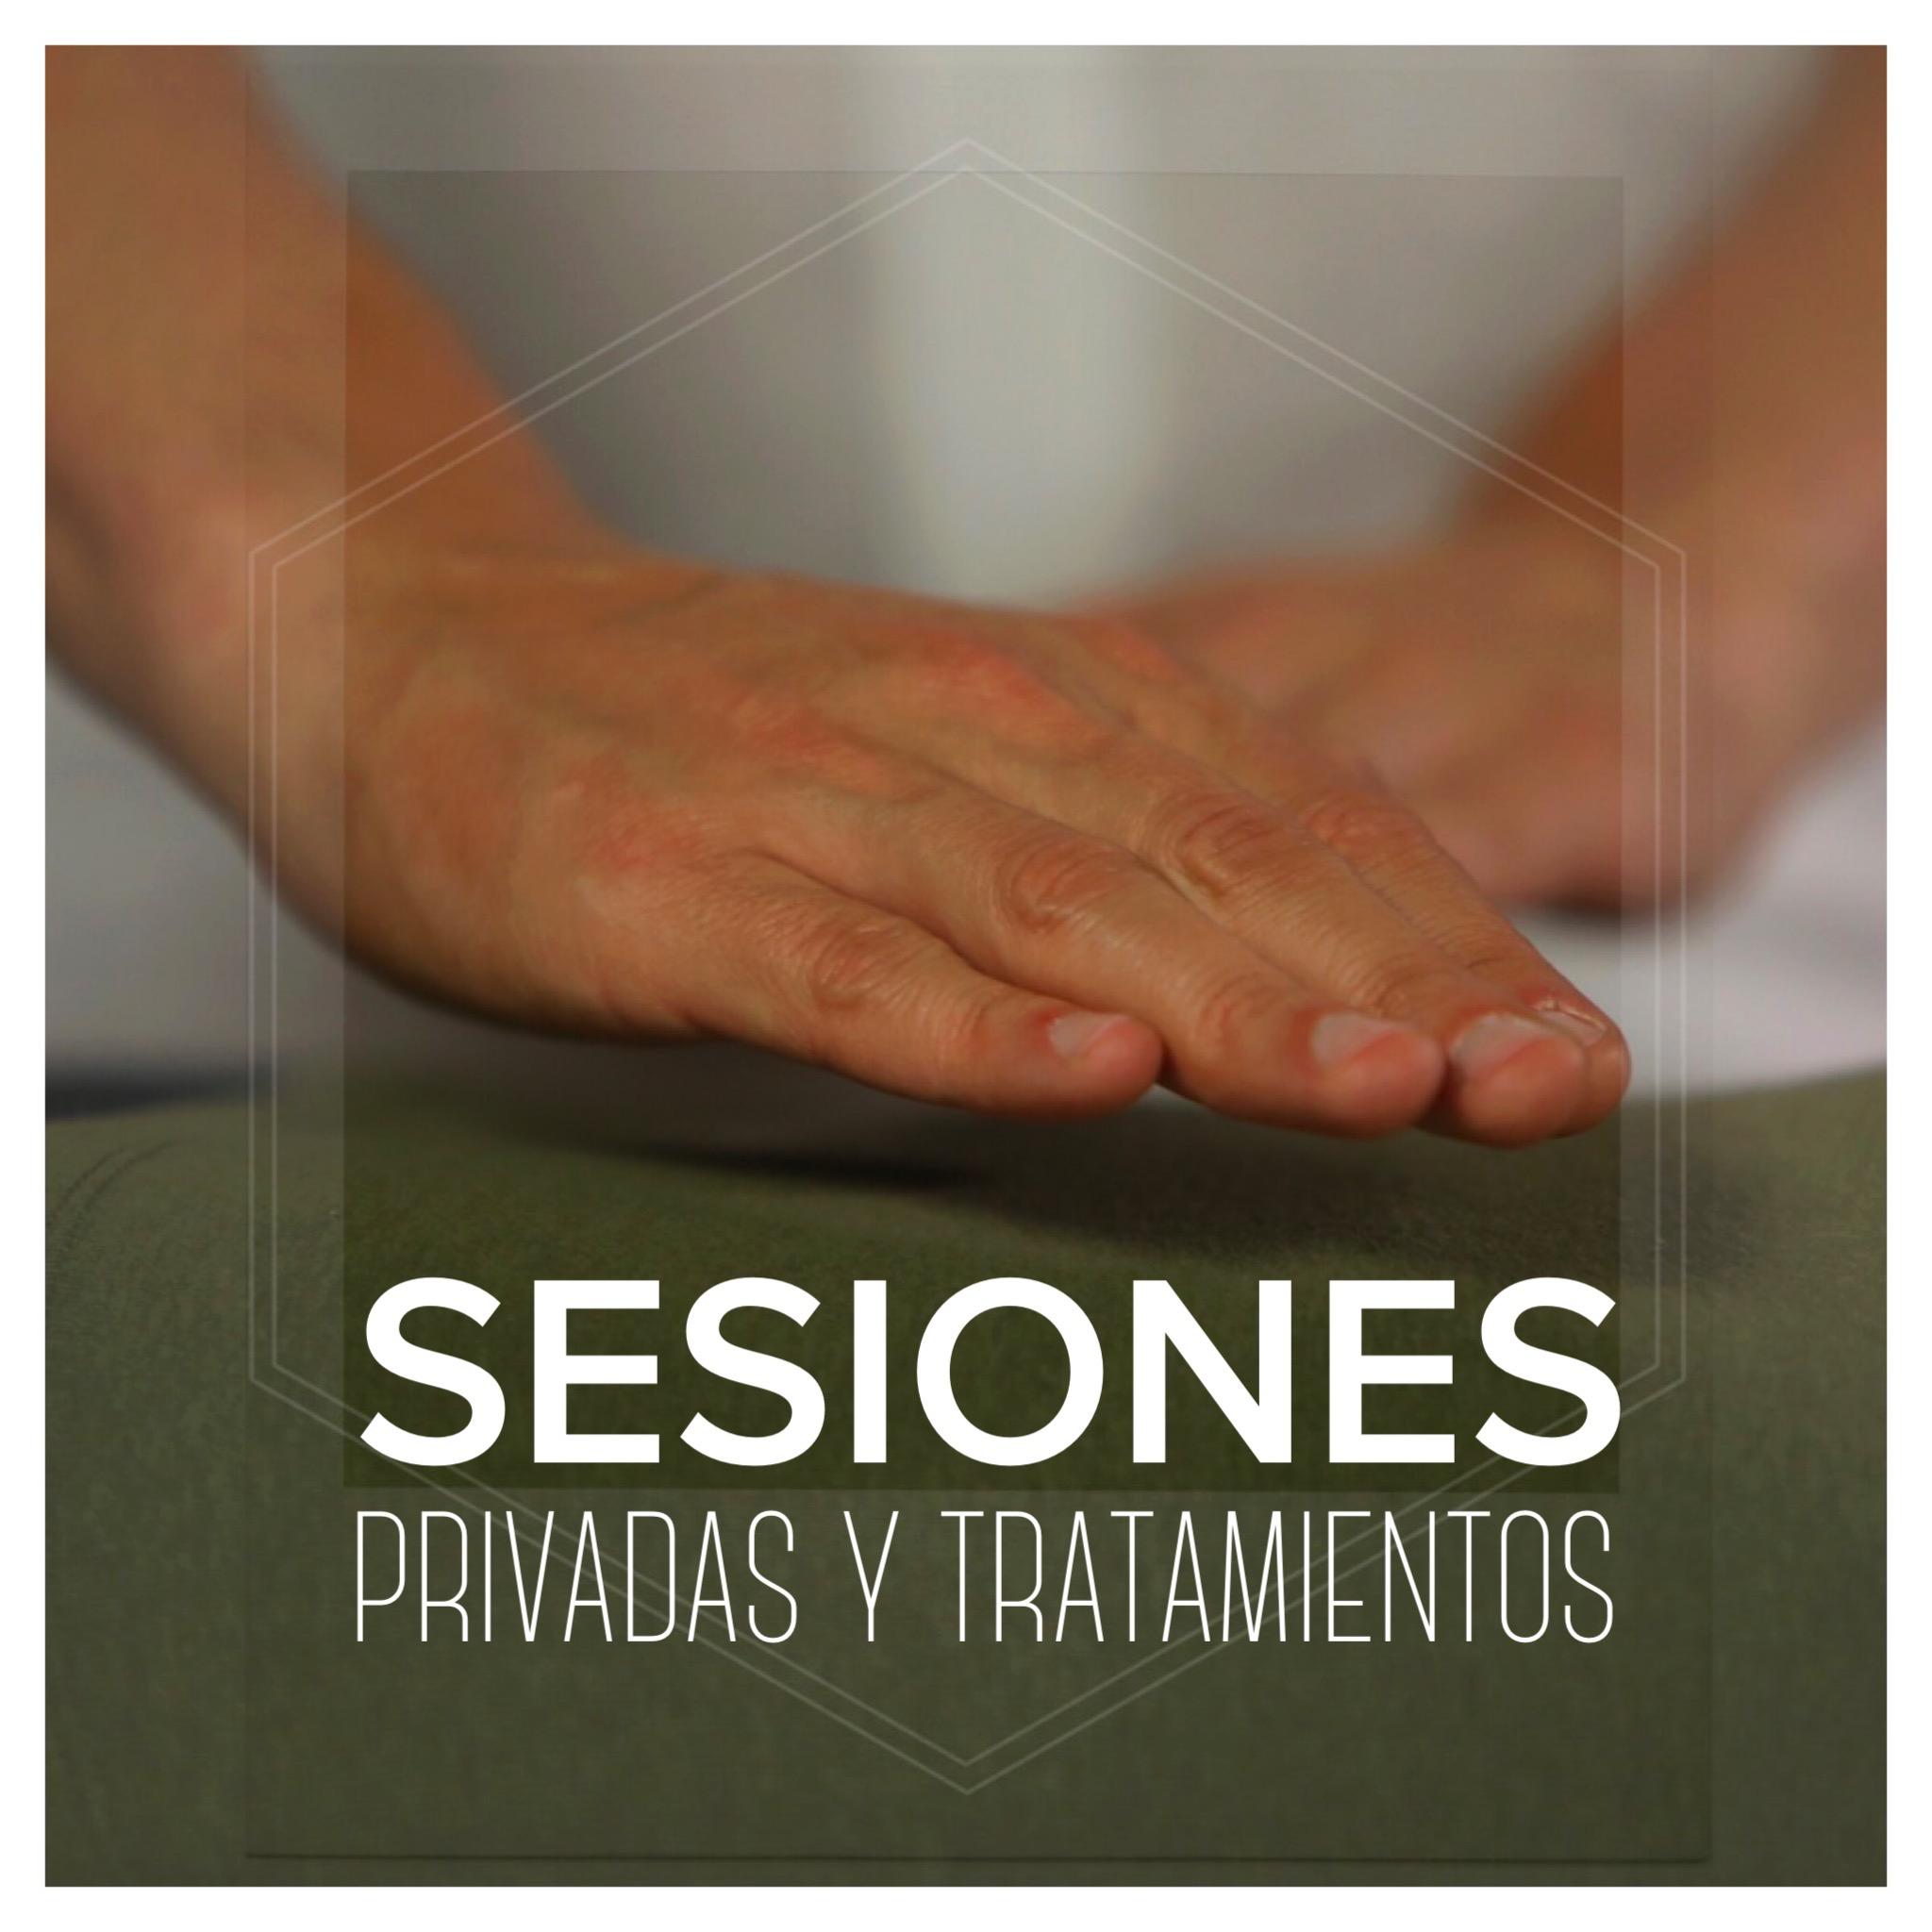 Sesiones y tratamientos